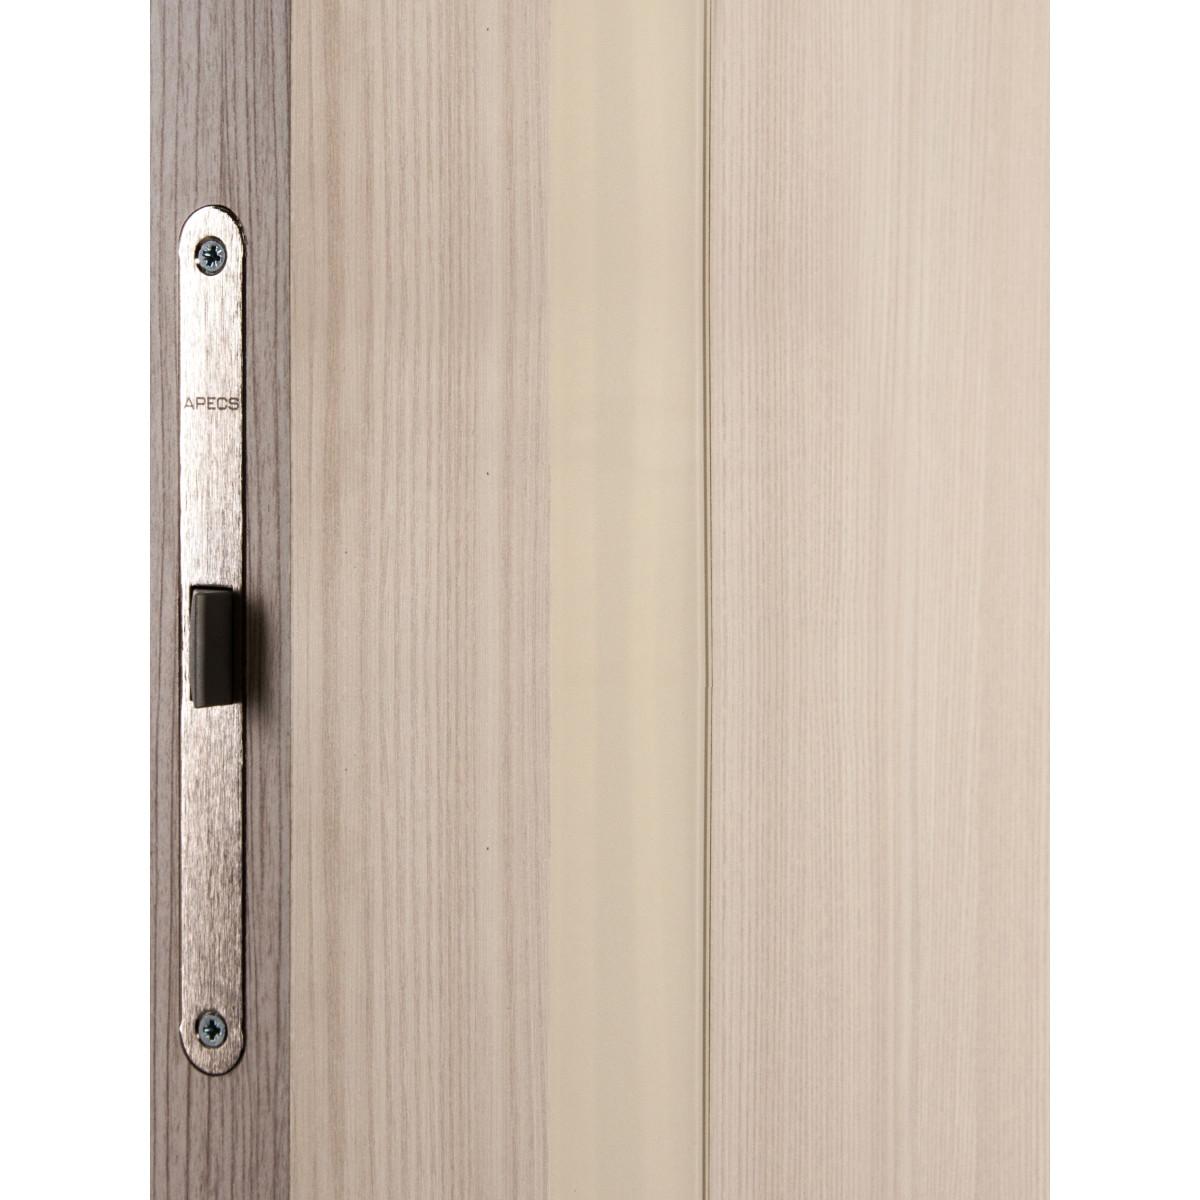 Дверь Межкомнатная Глухая С Замком И Петлями В Комплекте Мирра 90x200 Hardflex Цвет Ясень Бора